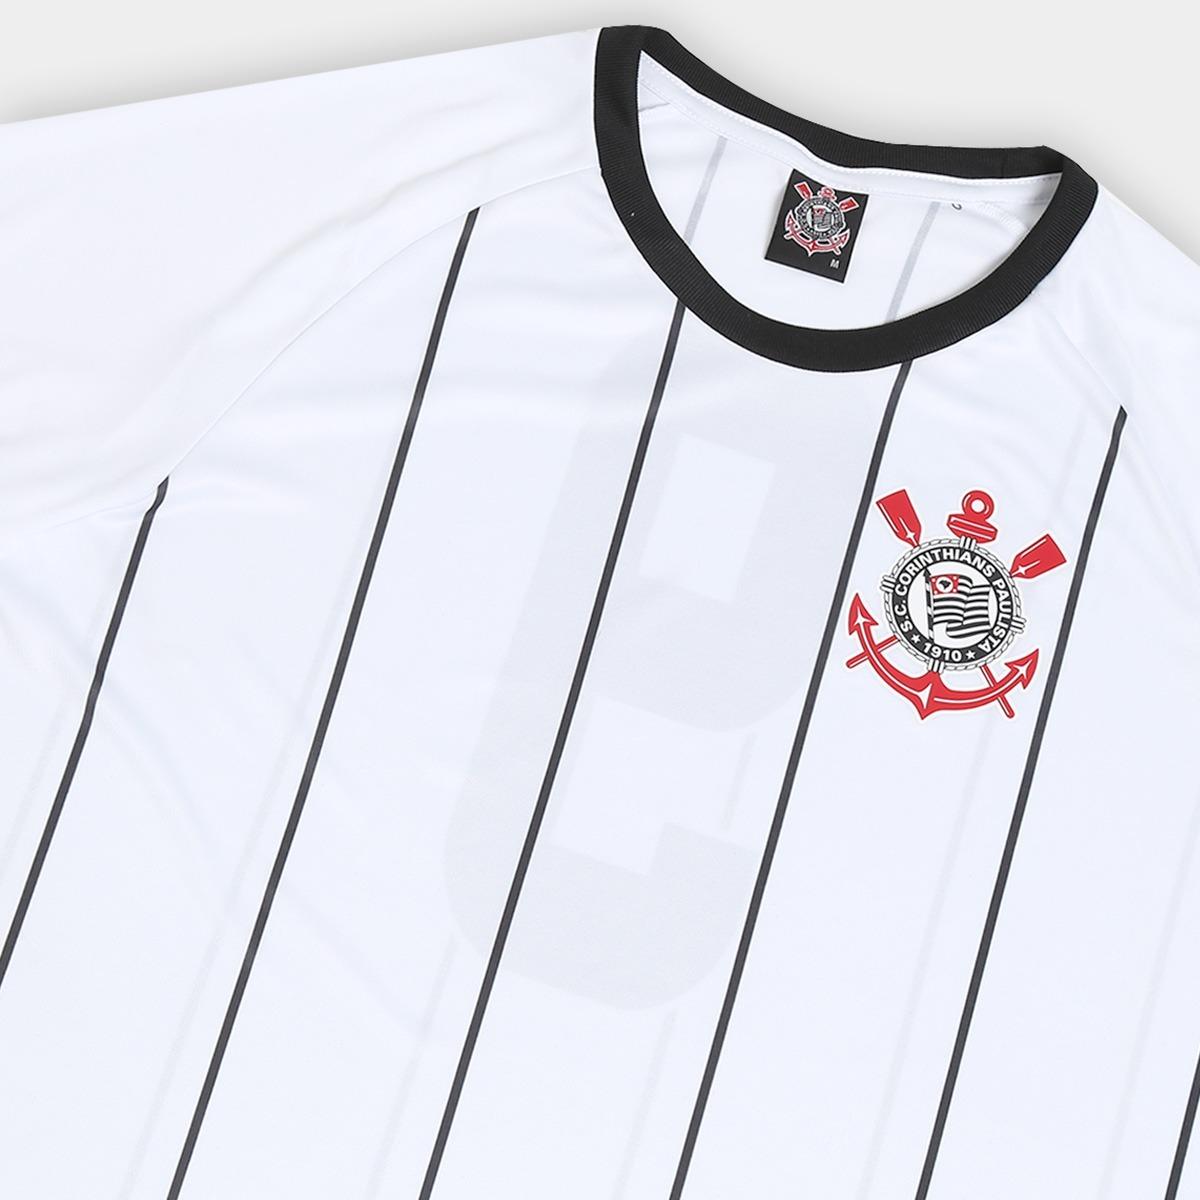 7a5dc4dd9d7 camisa corinthians fenomenal - edição limitada torcedor! Carregando zoom.